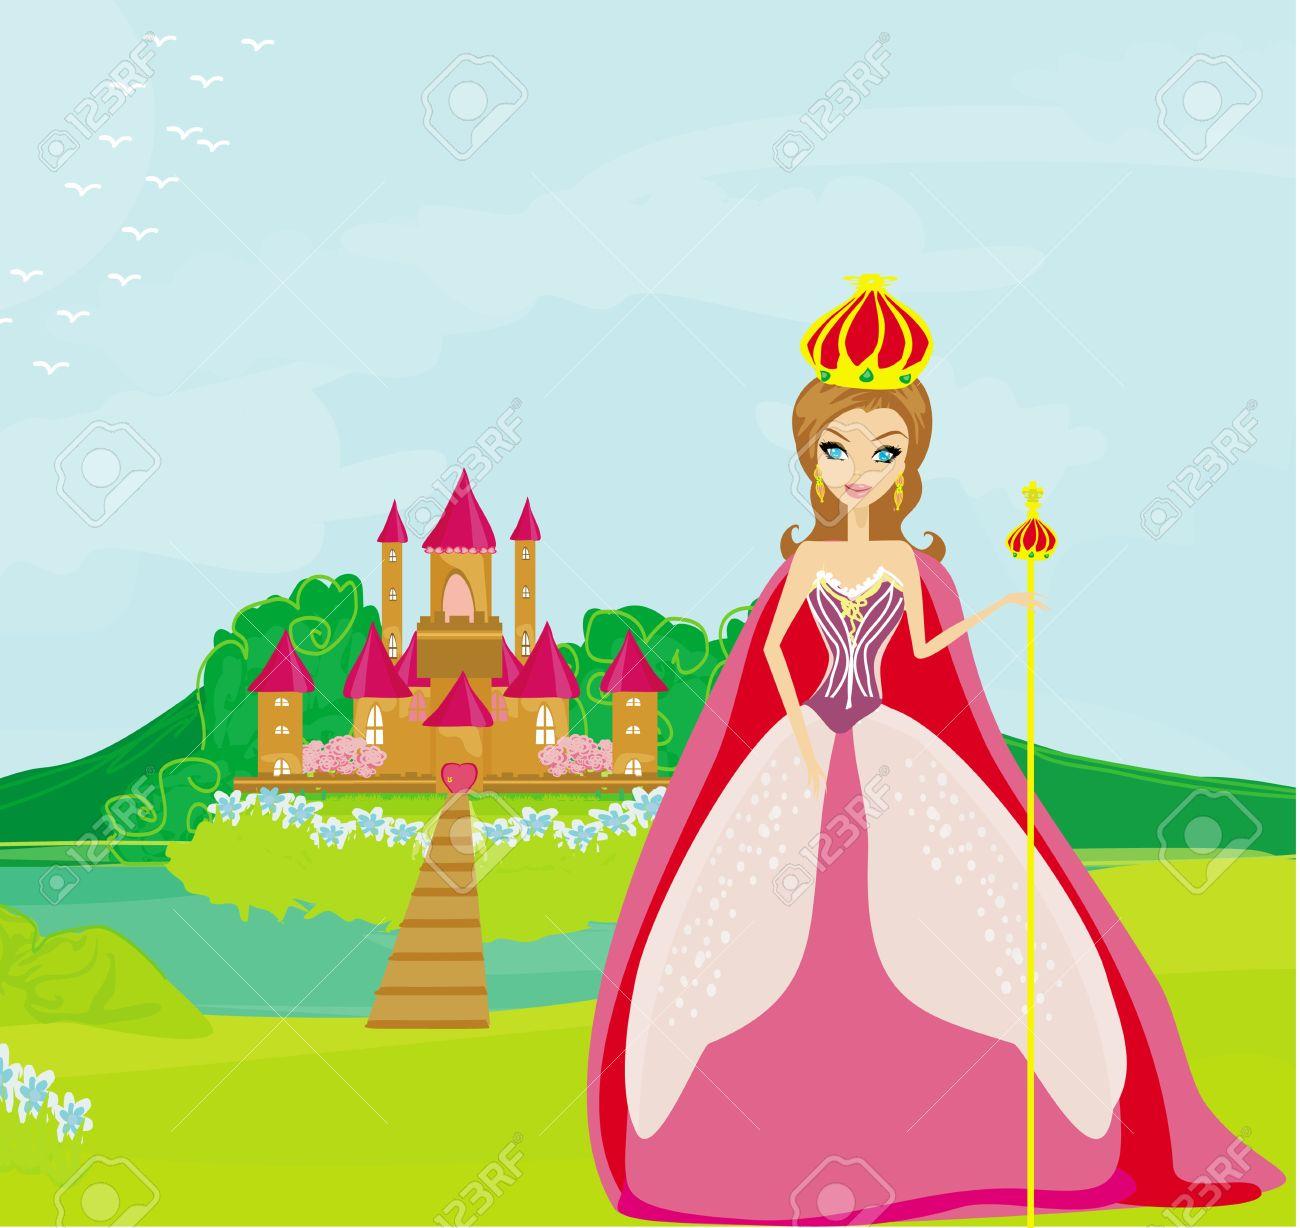 Beautiful queen in front of her castle Stock Vector - 19371903